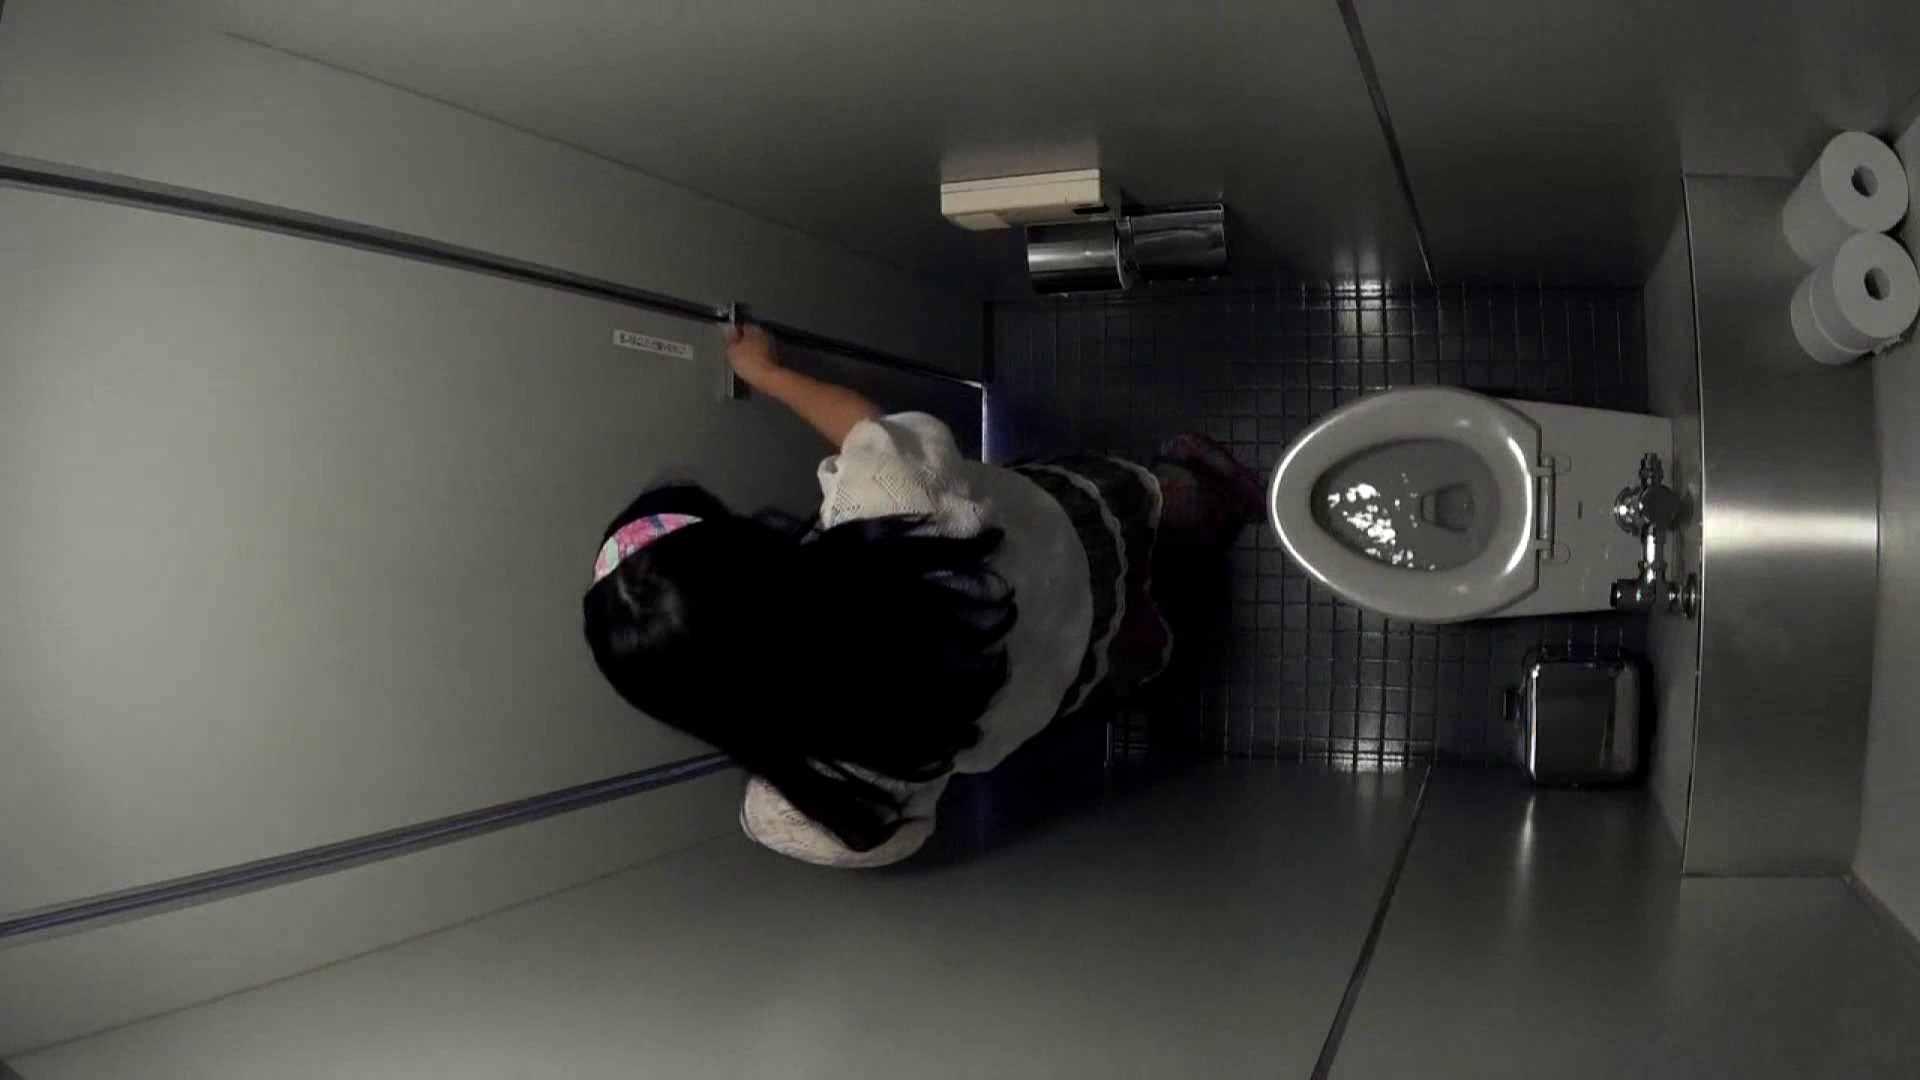 有名大学女性洗面所 vol.45 冴え渡る多方向撮影!職人技です。 洗面所 ヌード画像 88枚 13